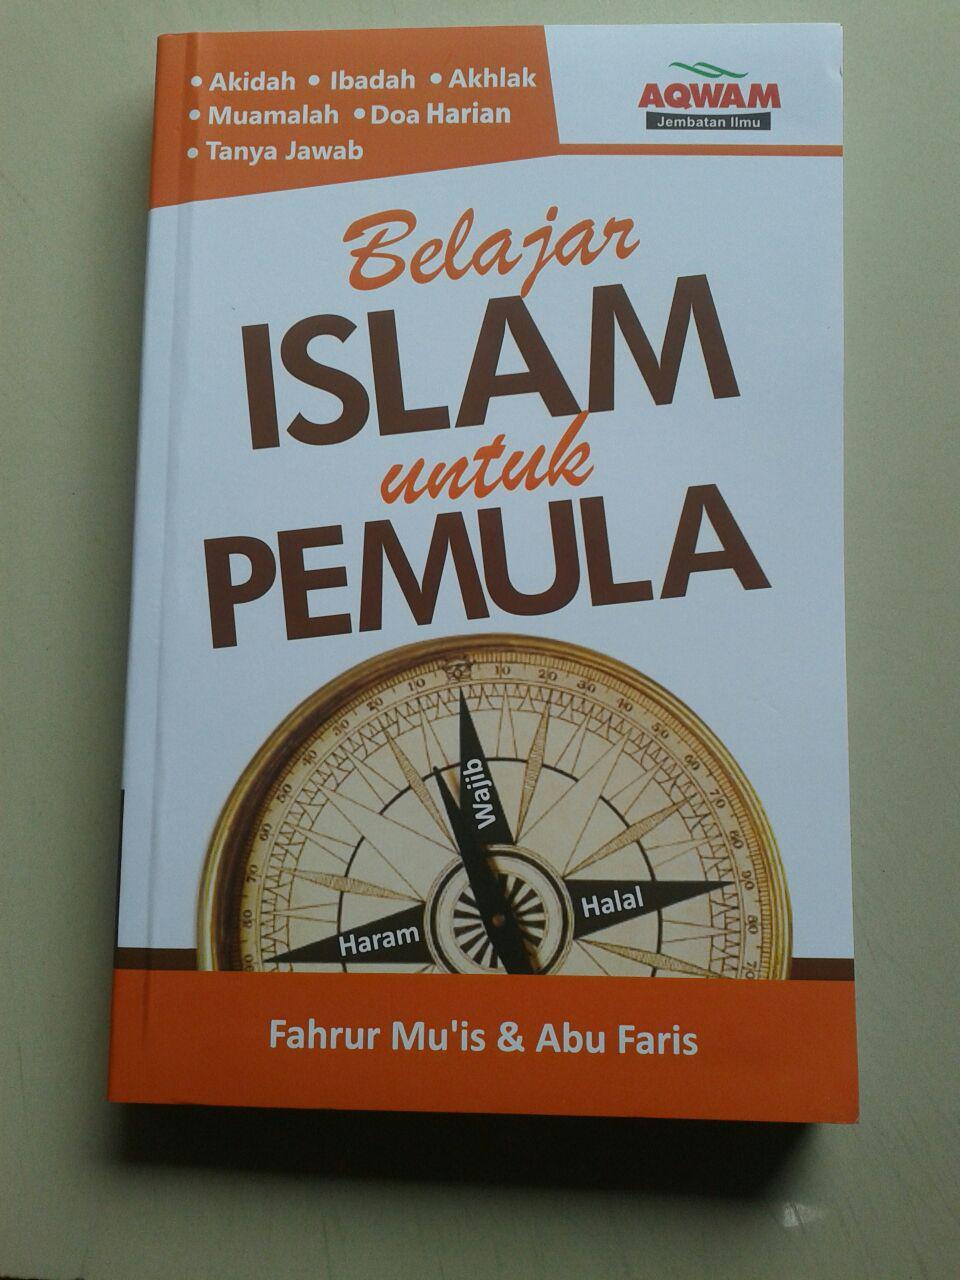 Buku Belajar Islam Untuk Pemula cover 2